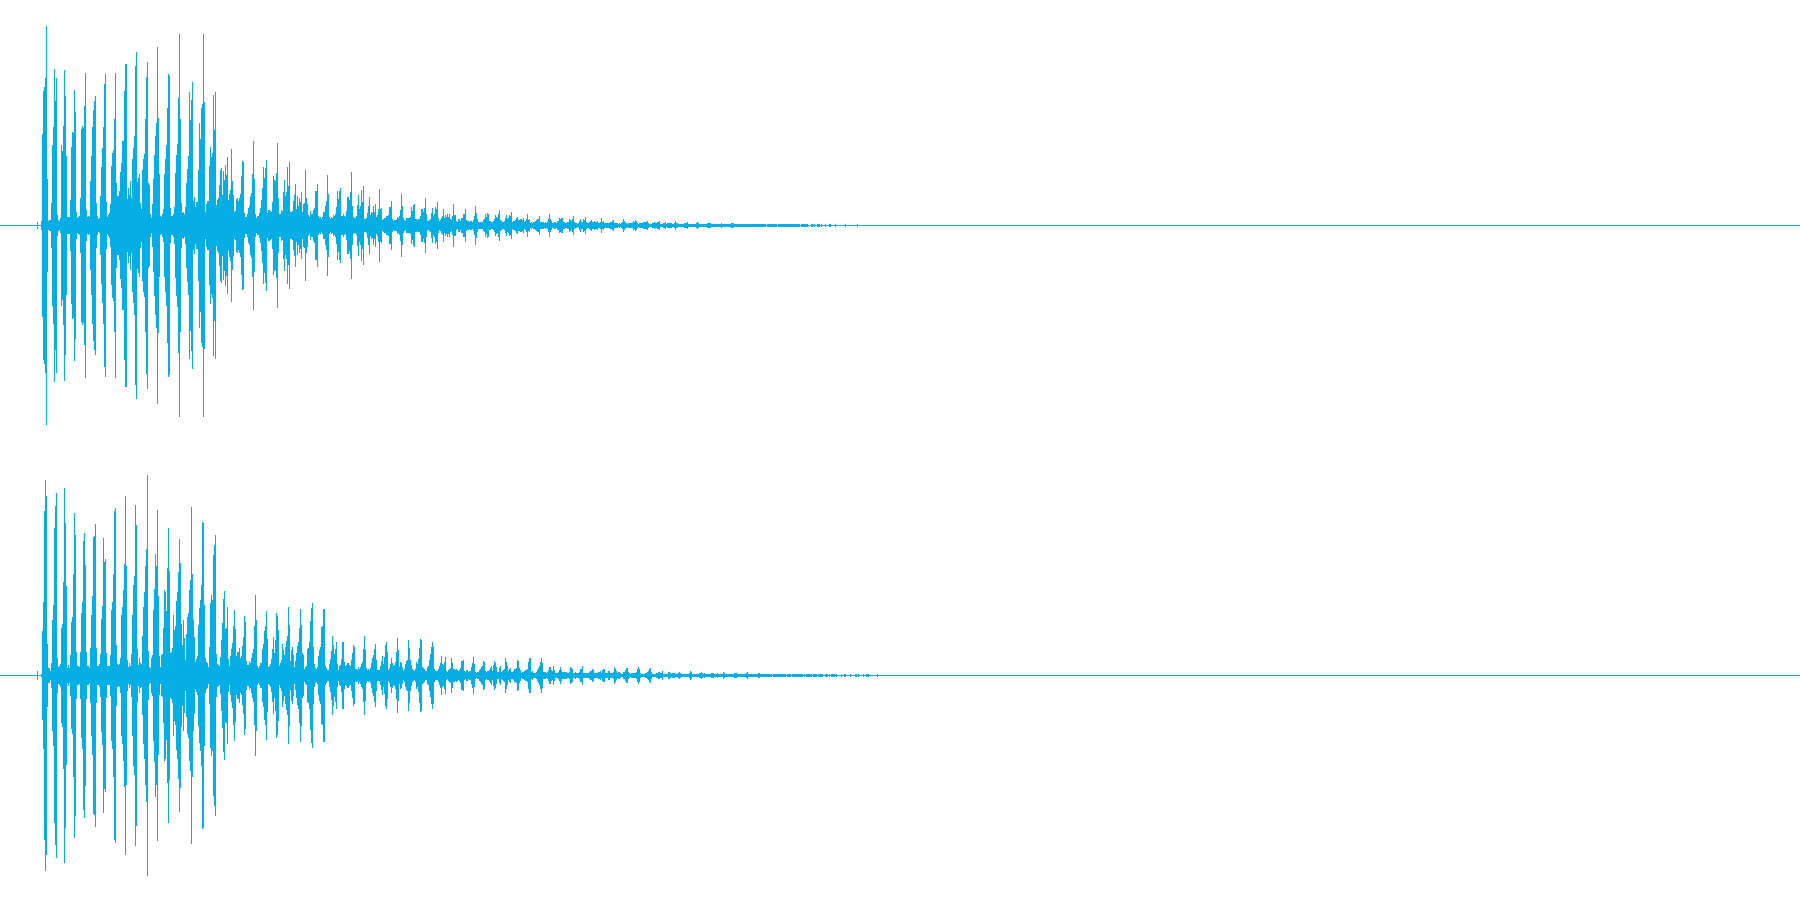 キューン(ビーム音)の再生済みの波形